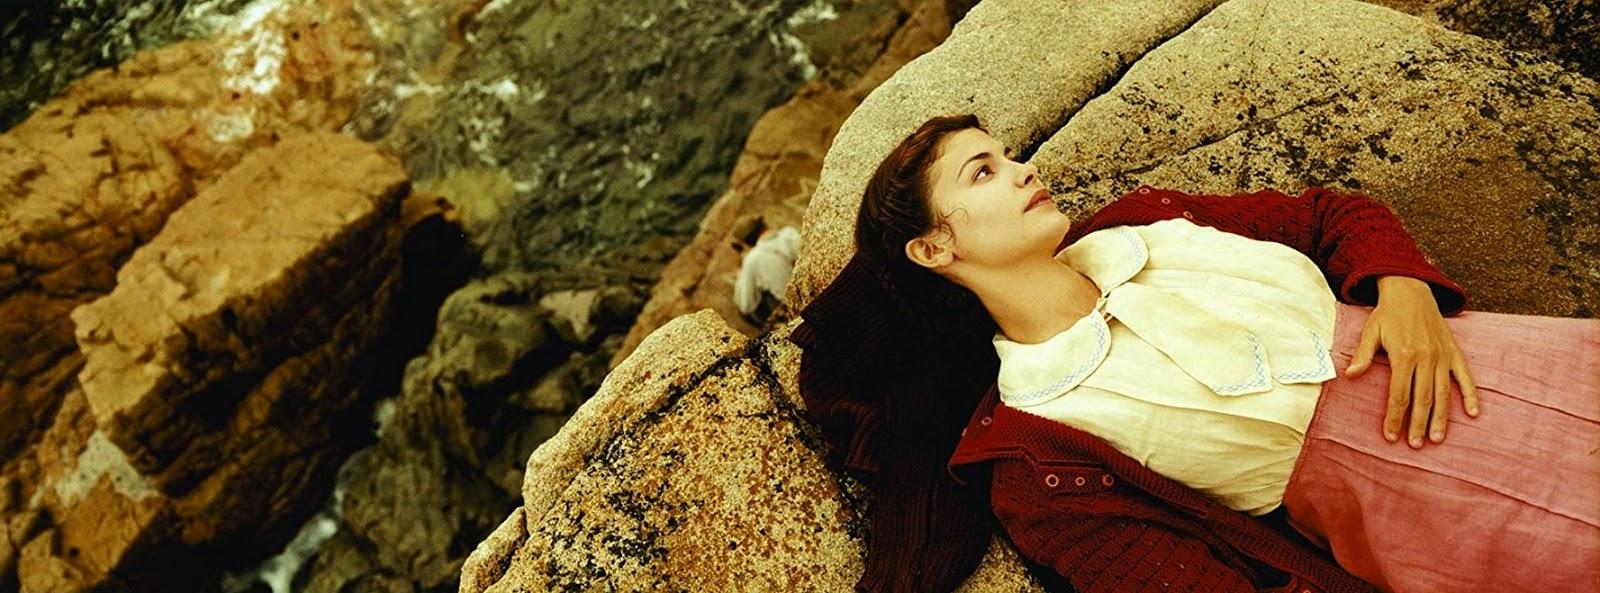 La protagoniste allongée sur une plage de rochers